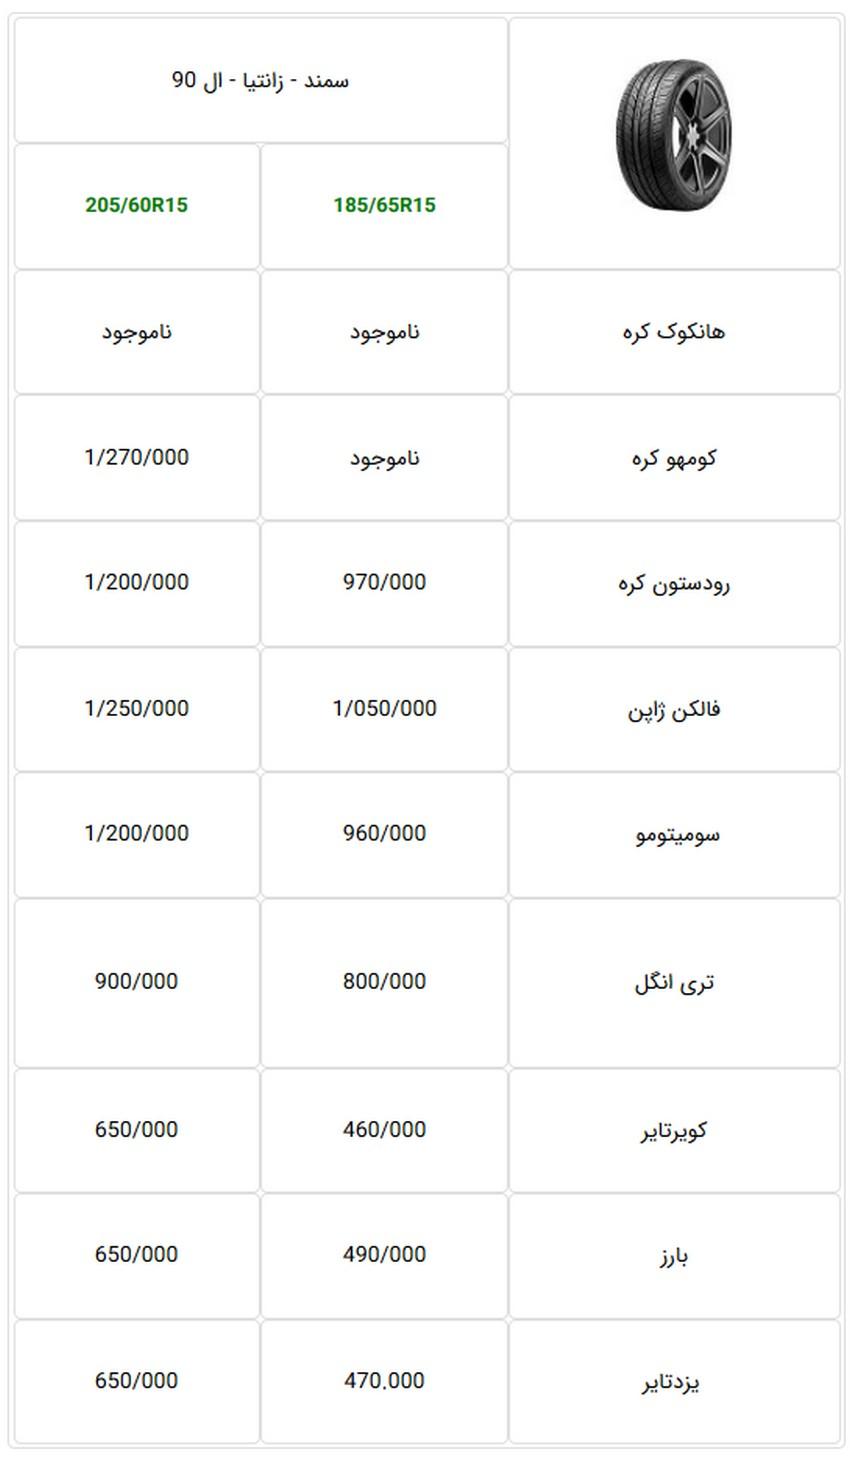 جدول قیمت جدید پرفروشترین لاستیکهای خودرو سواری - آبان 97